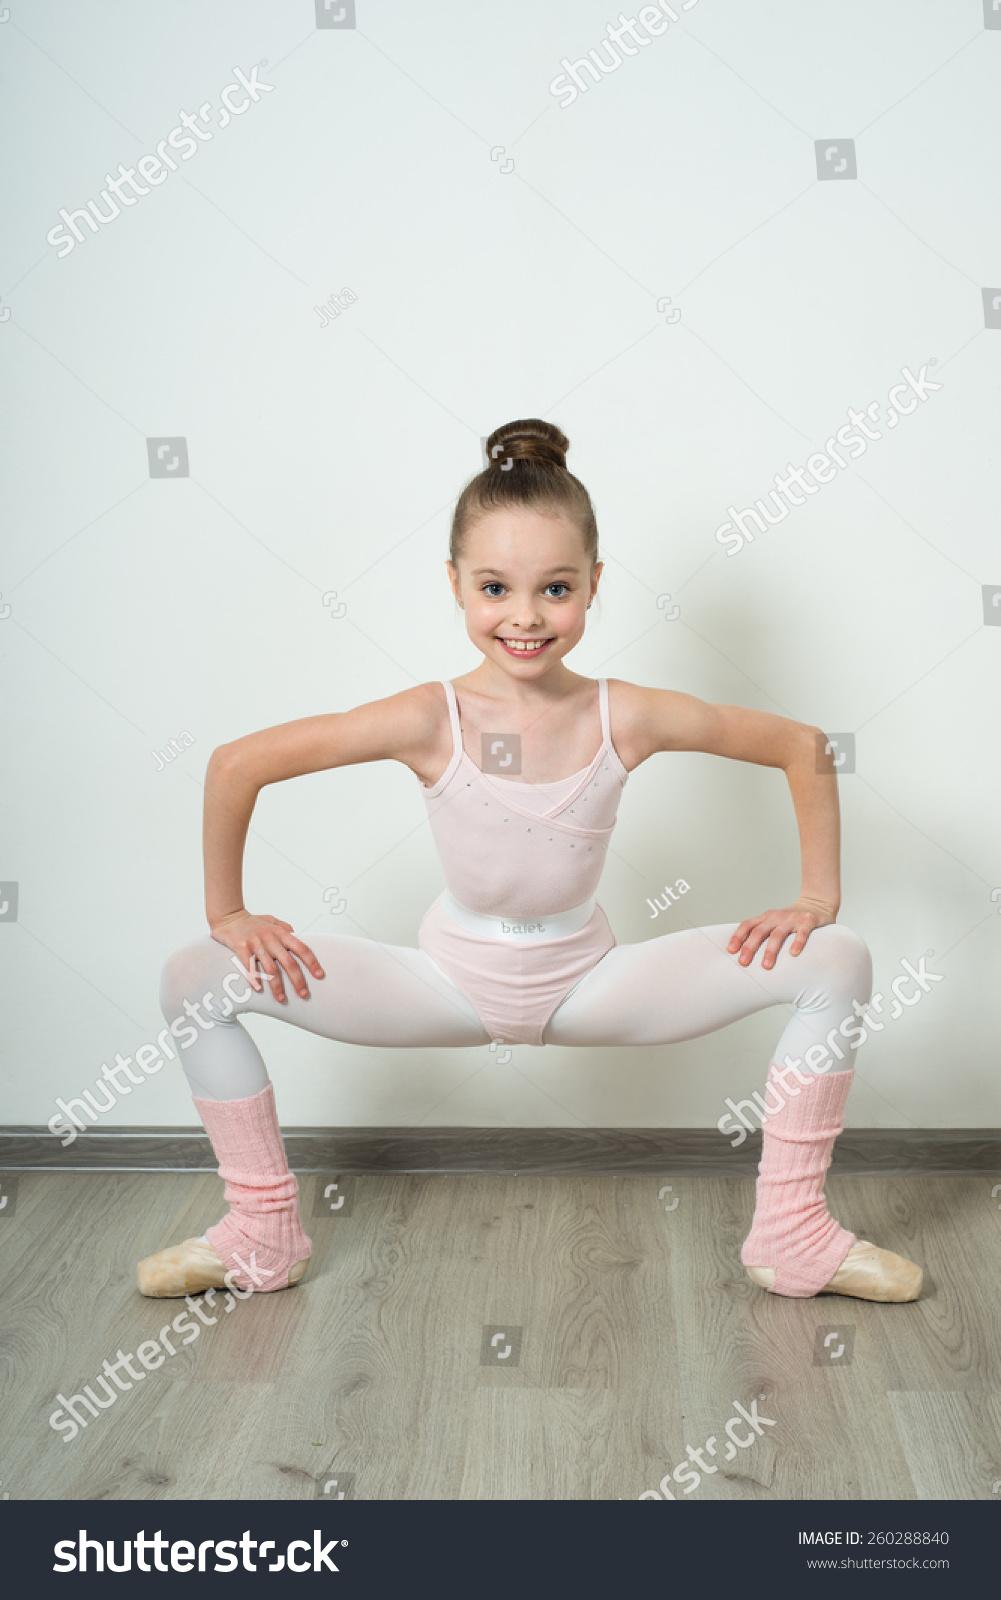 Little Adorable Young Ballerina Does Ballet Stock Photo ...